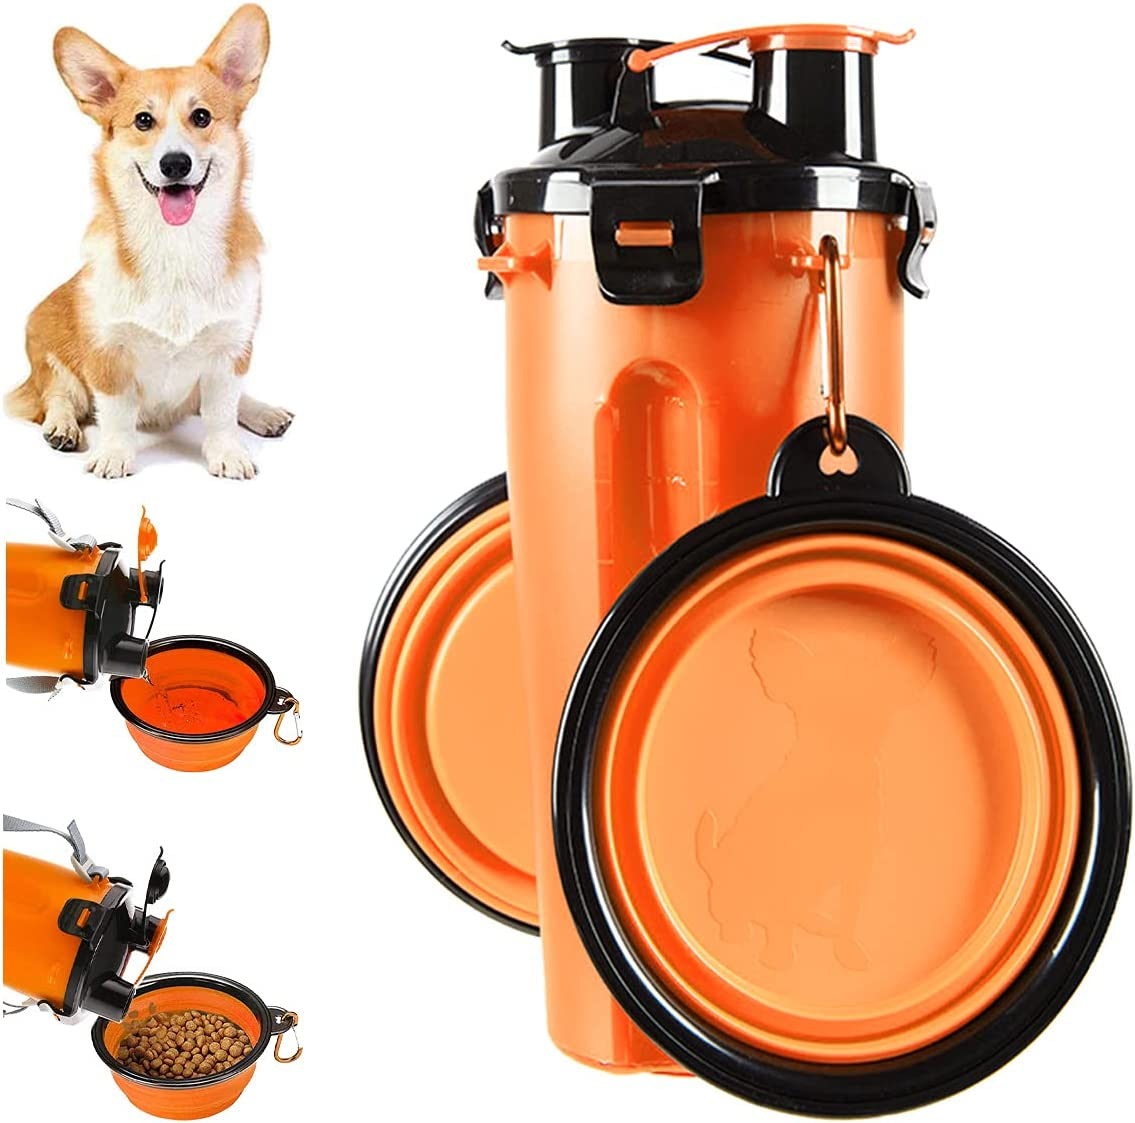 Botella de Agua para Perros Portátil 2 en 1 Envase de Comida para Perro 2 Plegable Tazones para Mascotas Bebedero dispensador Mascotas al Aire Libre Caminar Viajar Cámping Paseo Senderismo (Negro)